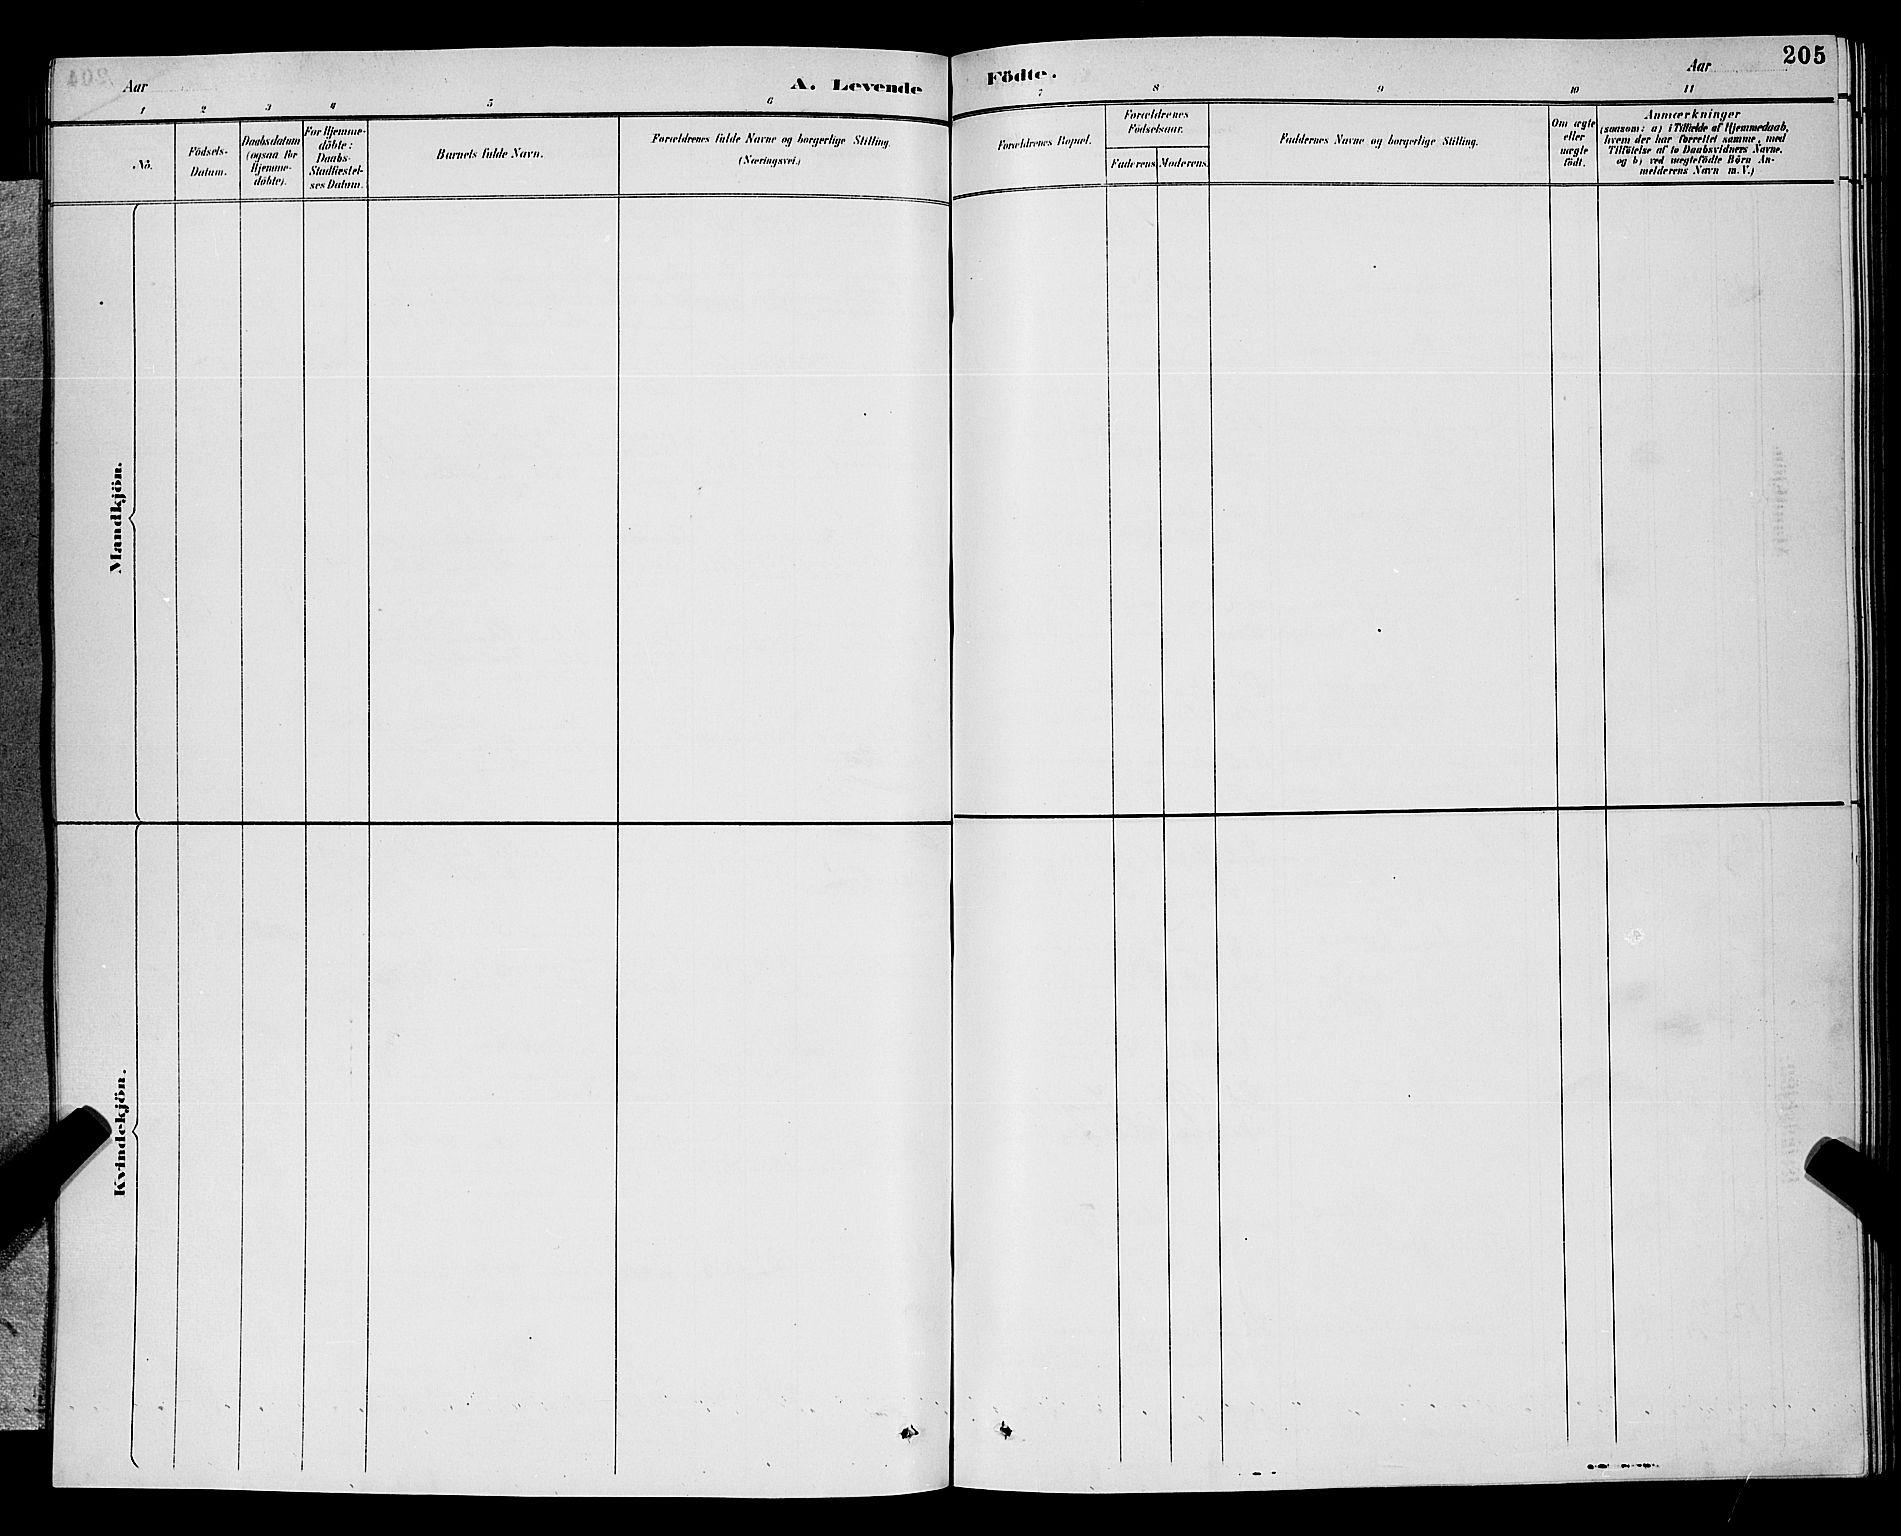 SAKO, Gjerpen kirkebøker, G/Ga/L0002: Klokkerbok nr. I 2, 1883-1900, s. 205